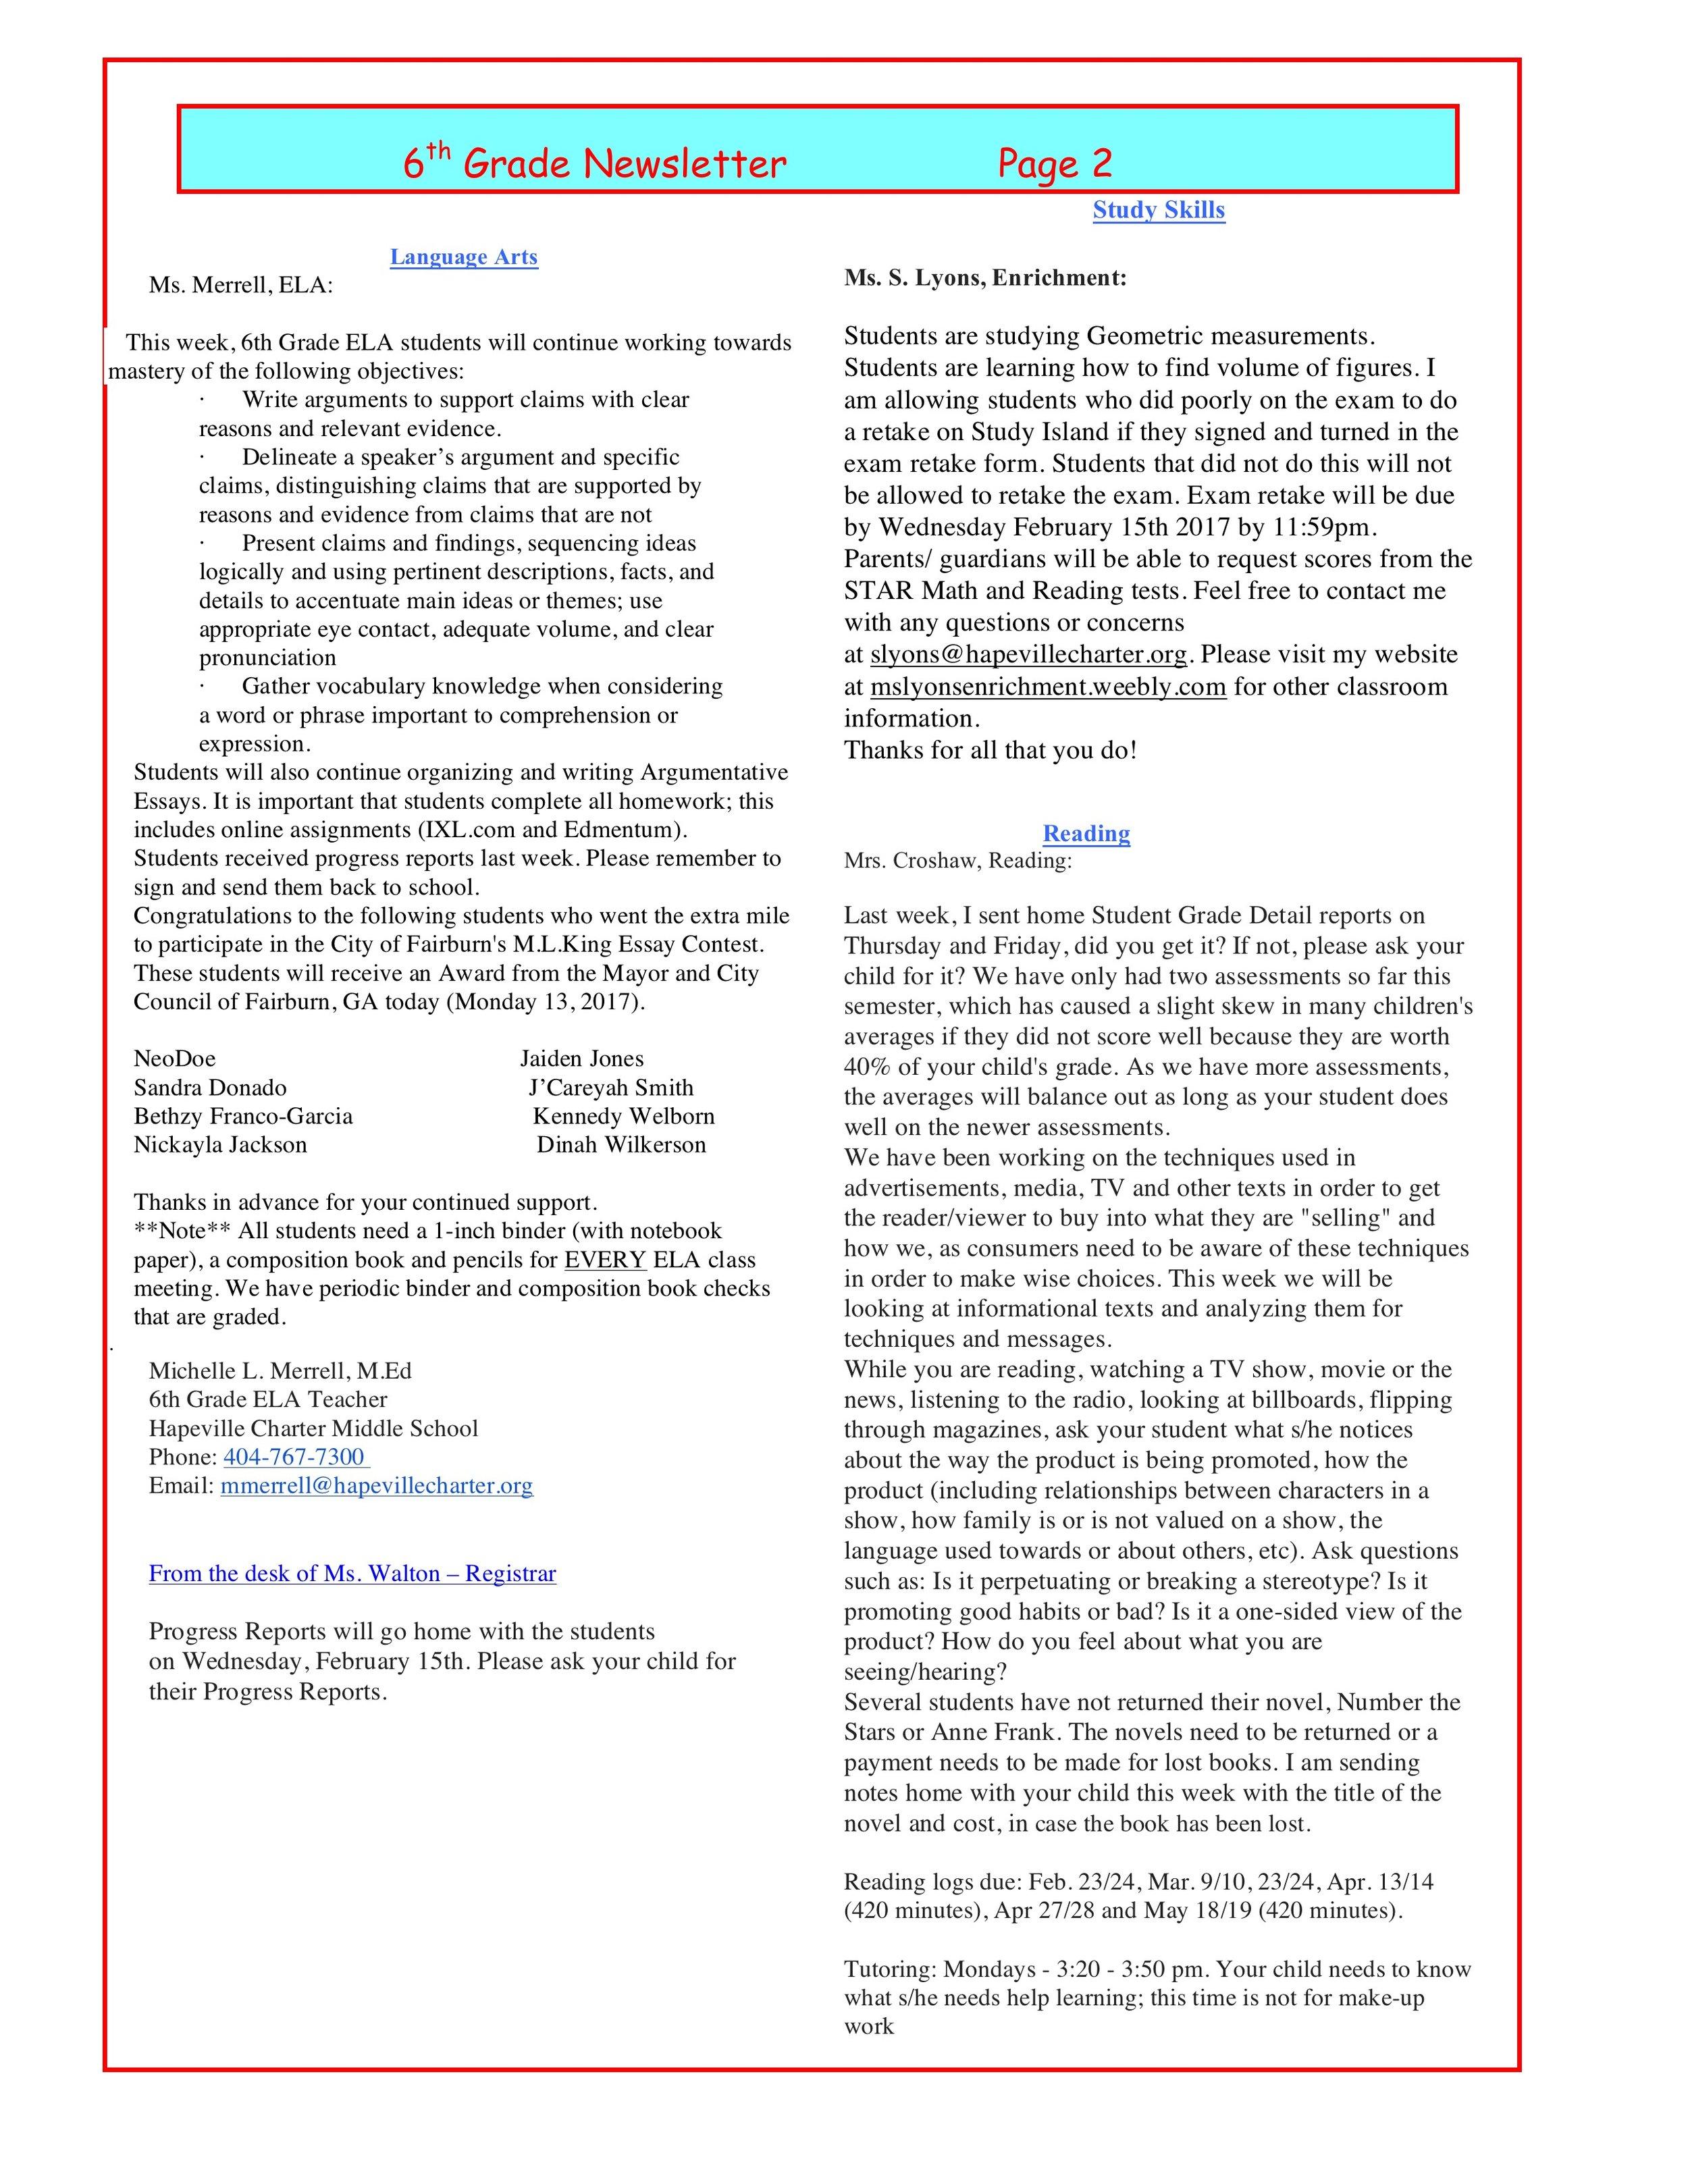 Newsletter Image6th Grade Newsletter 2-14 2.jpeg